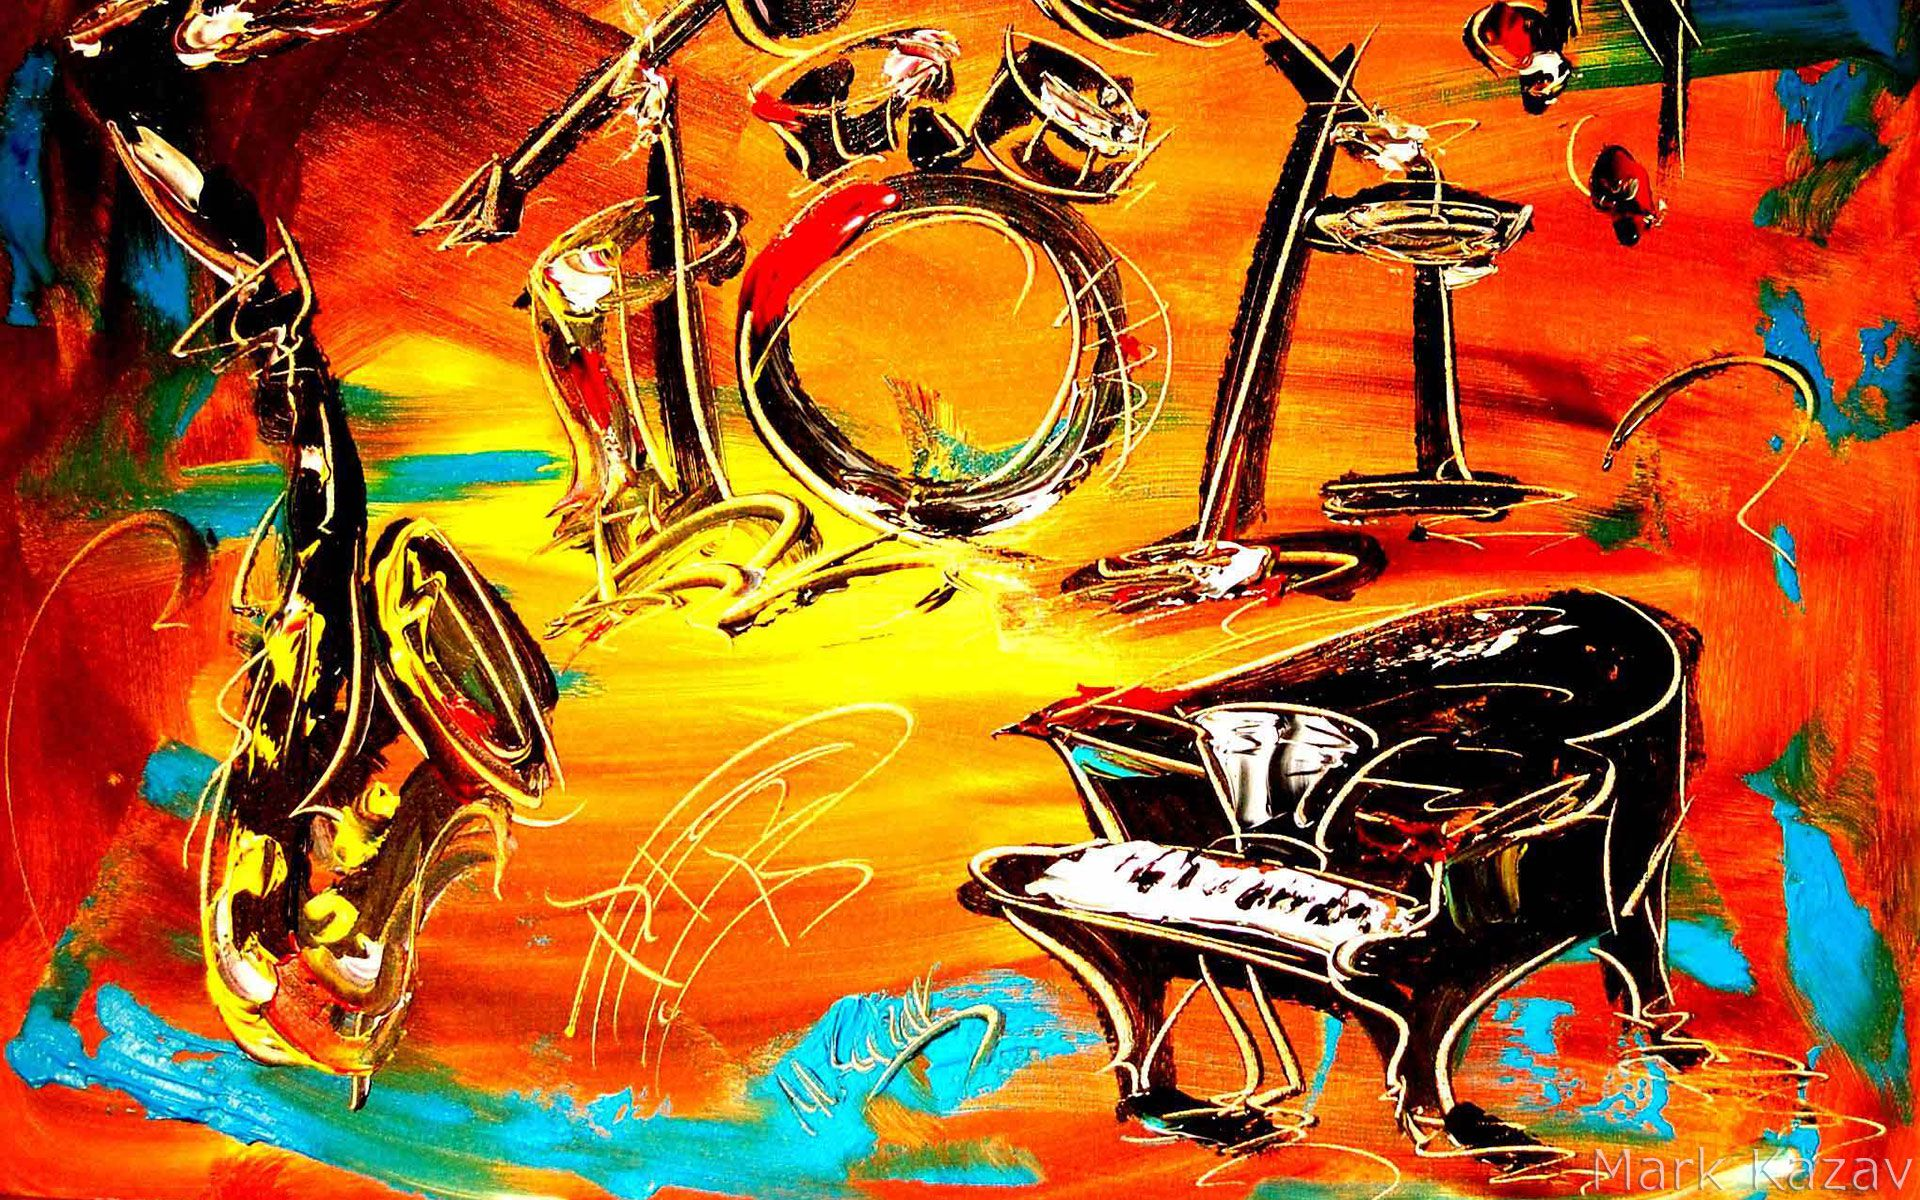 Поздравление с днем рождения в стиле джаз